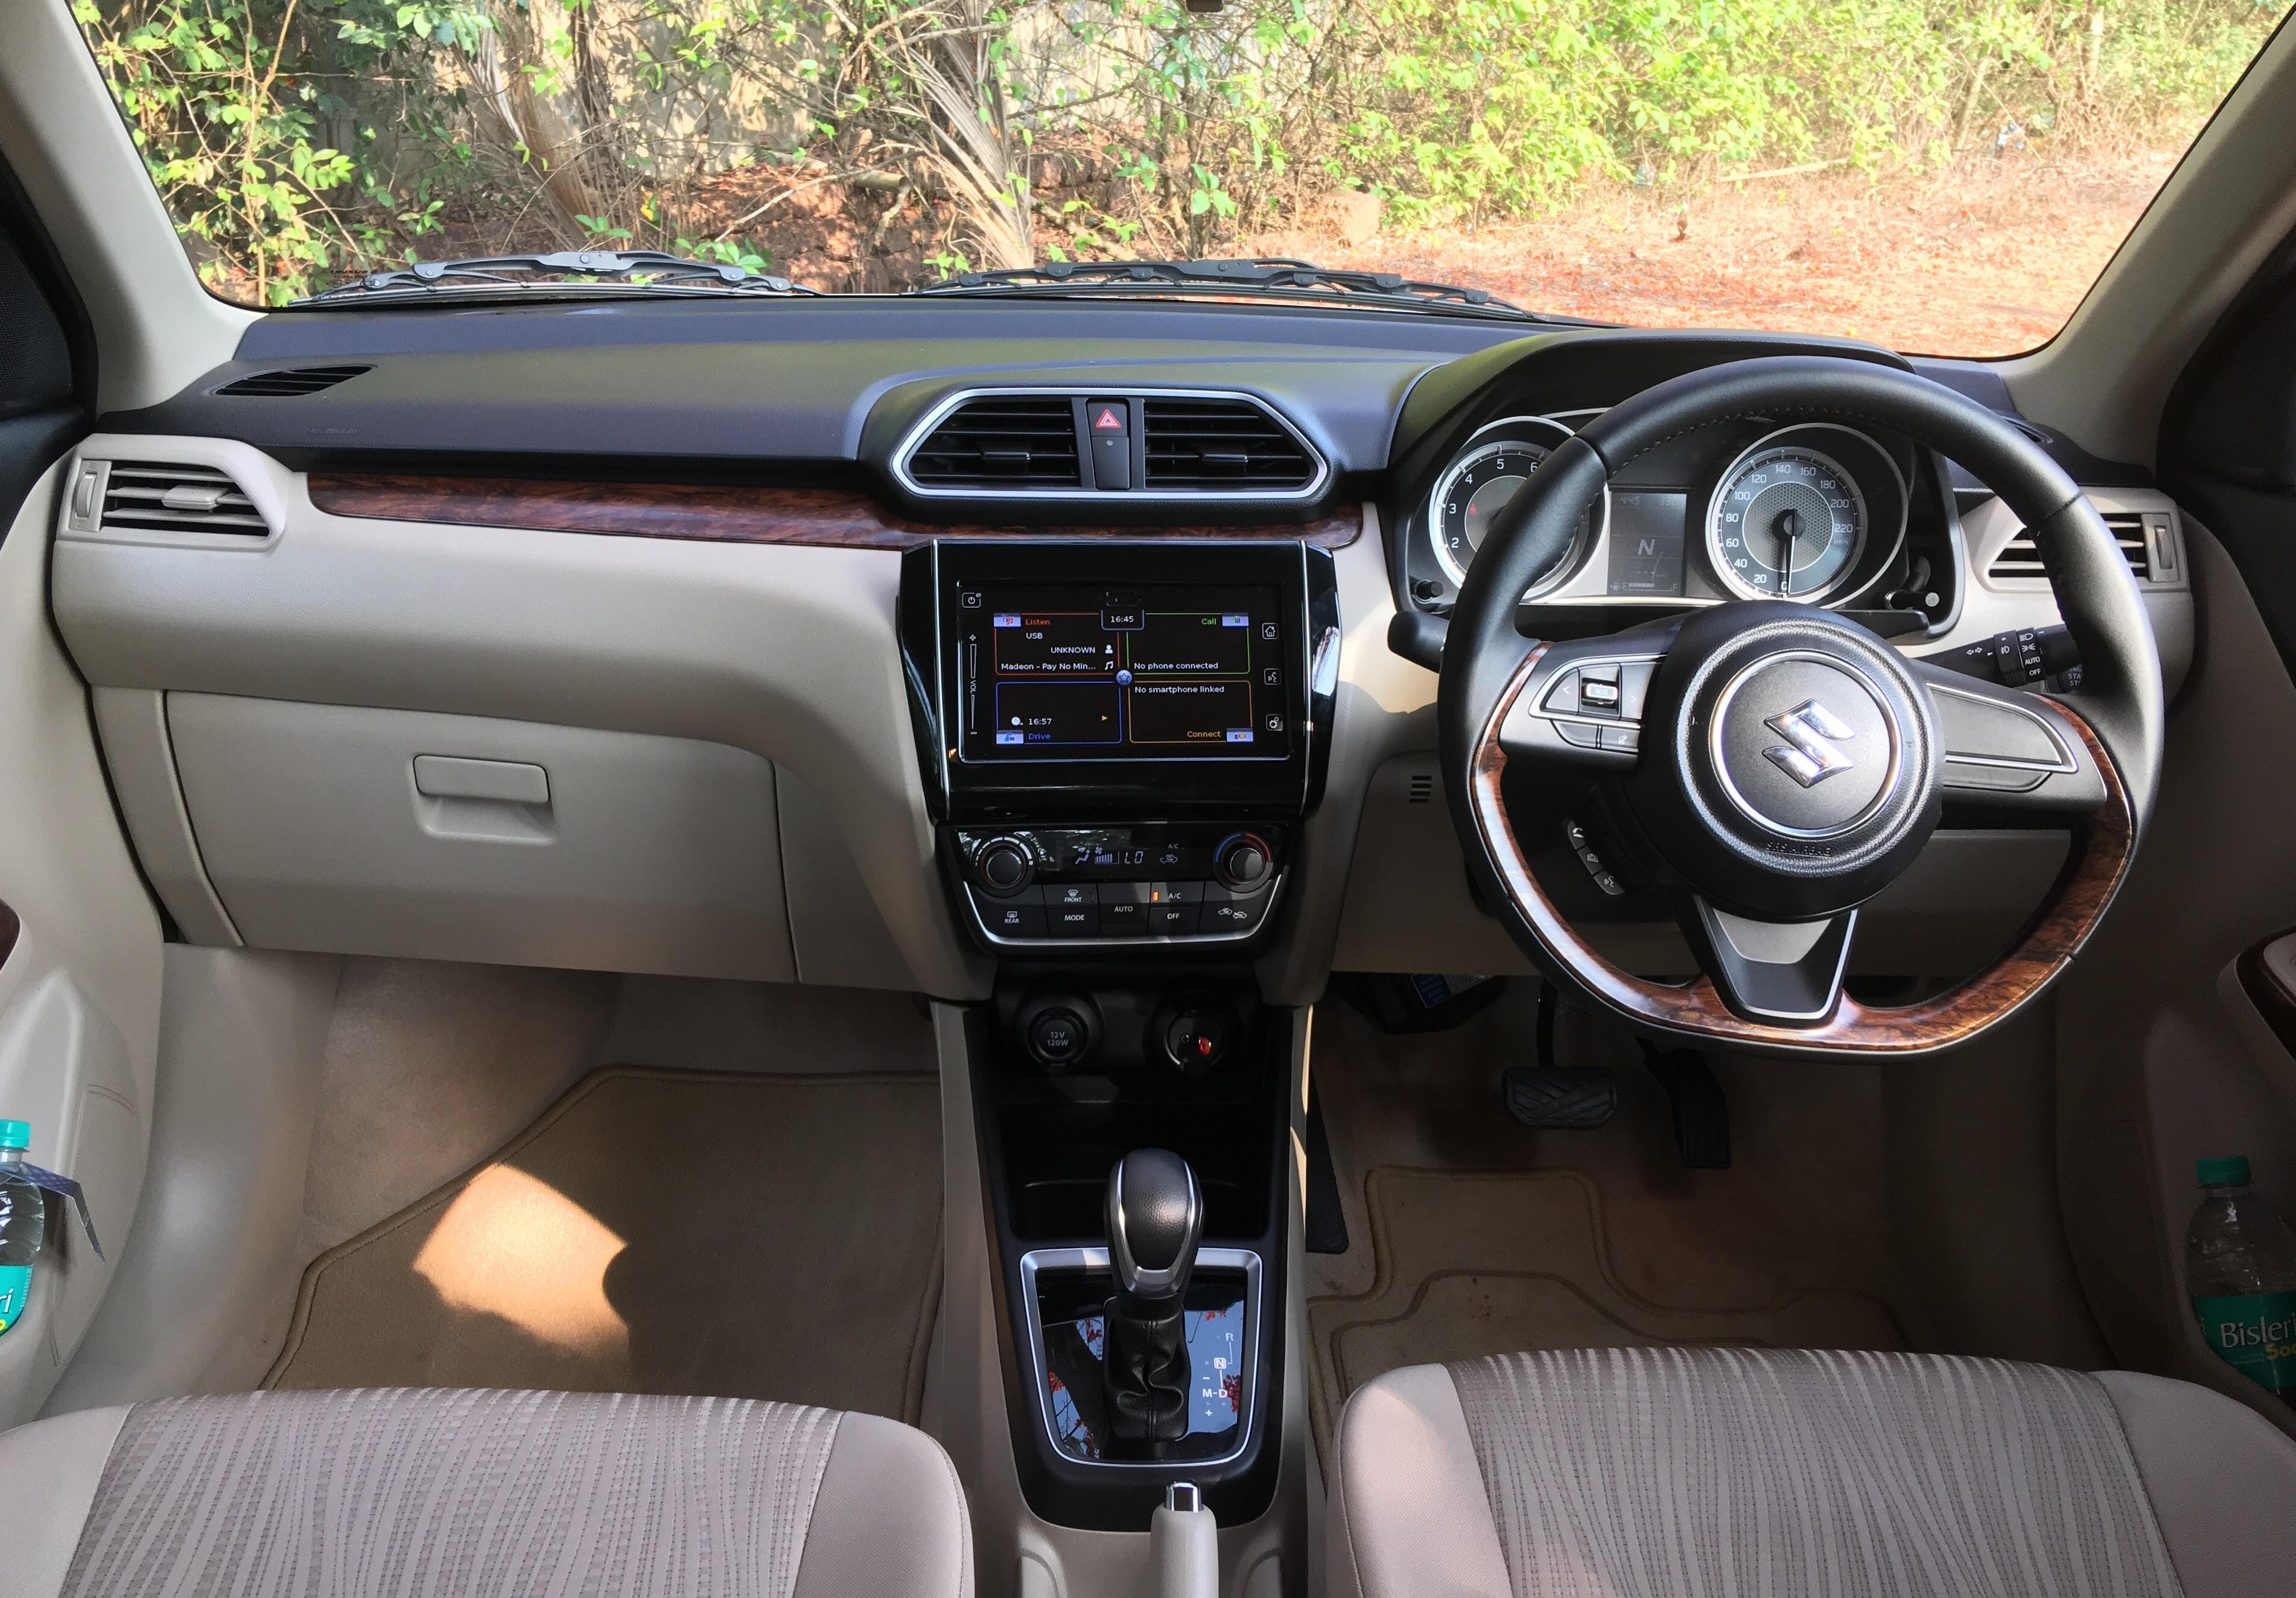 2017 maruti dzire interior dashboard carblogindia for Interior pics